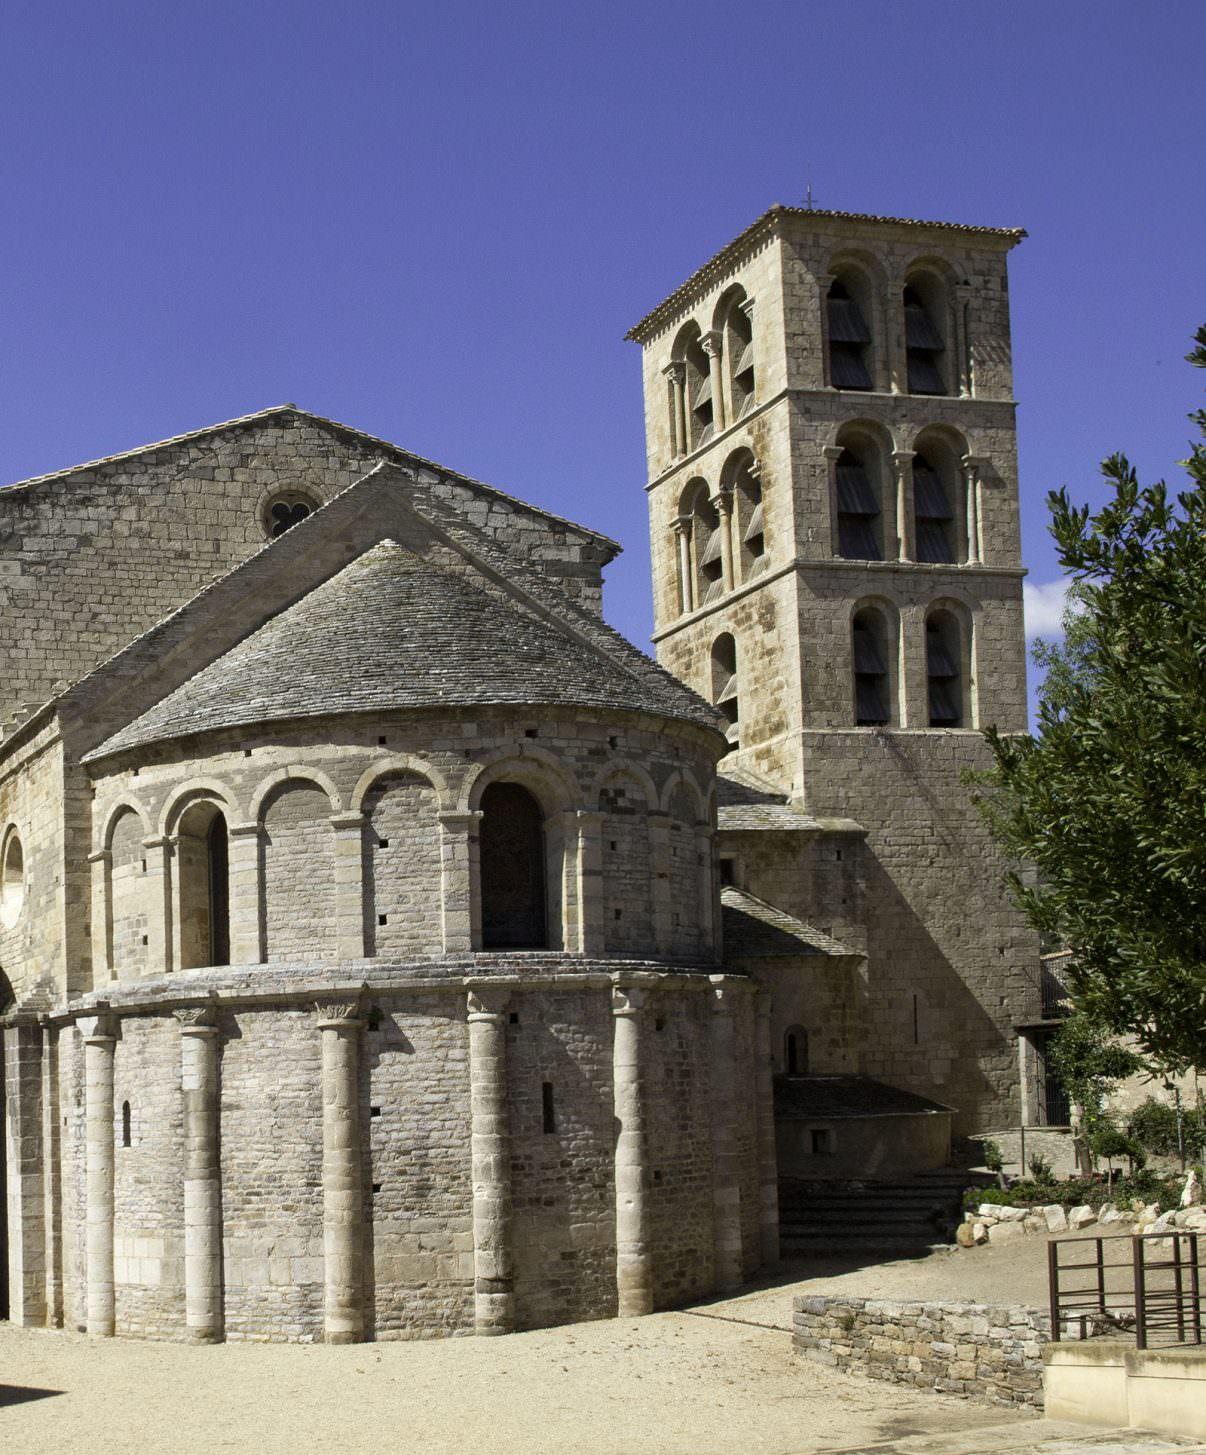 Visite de l'Abbaye de Caunes-Minervois et son chevet ©Philippe Benoist-ADT de l'Aude